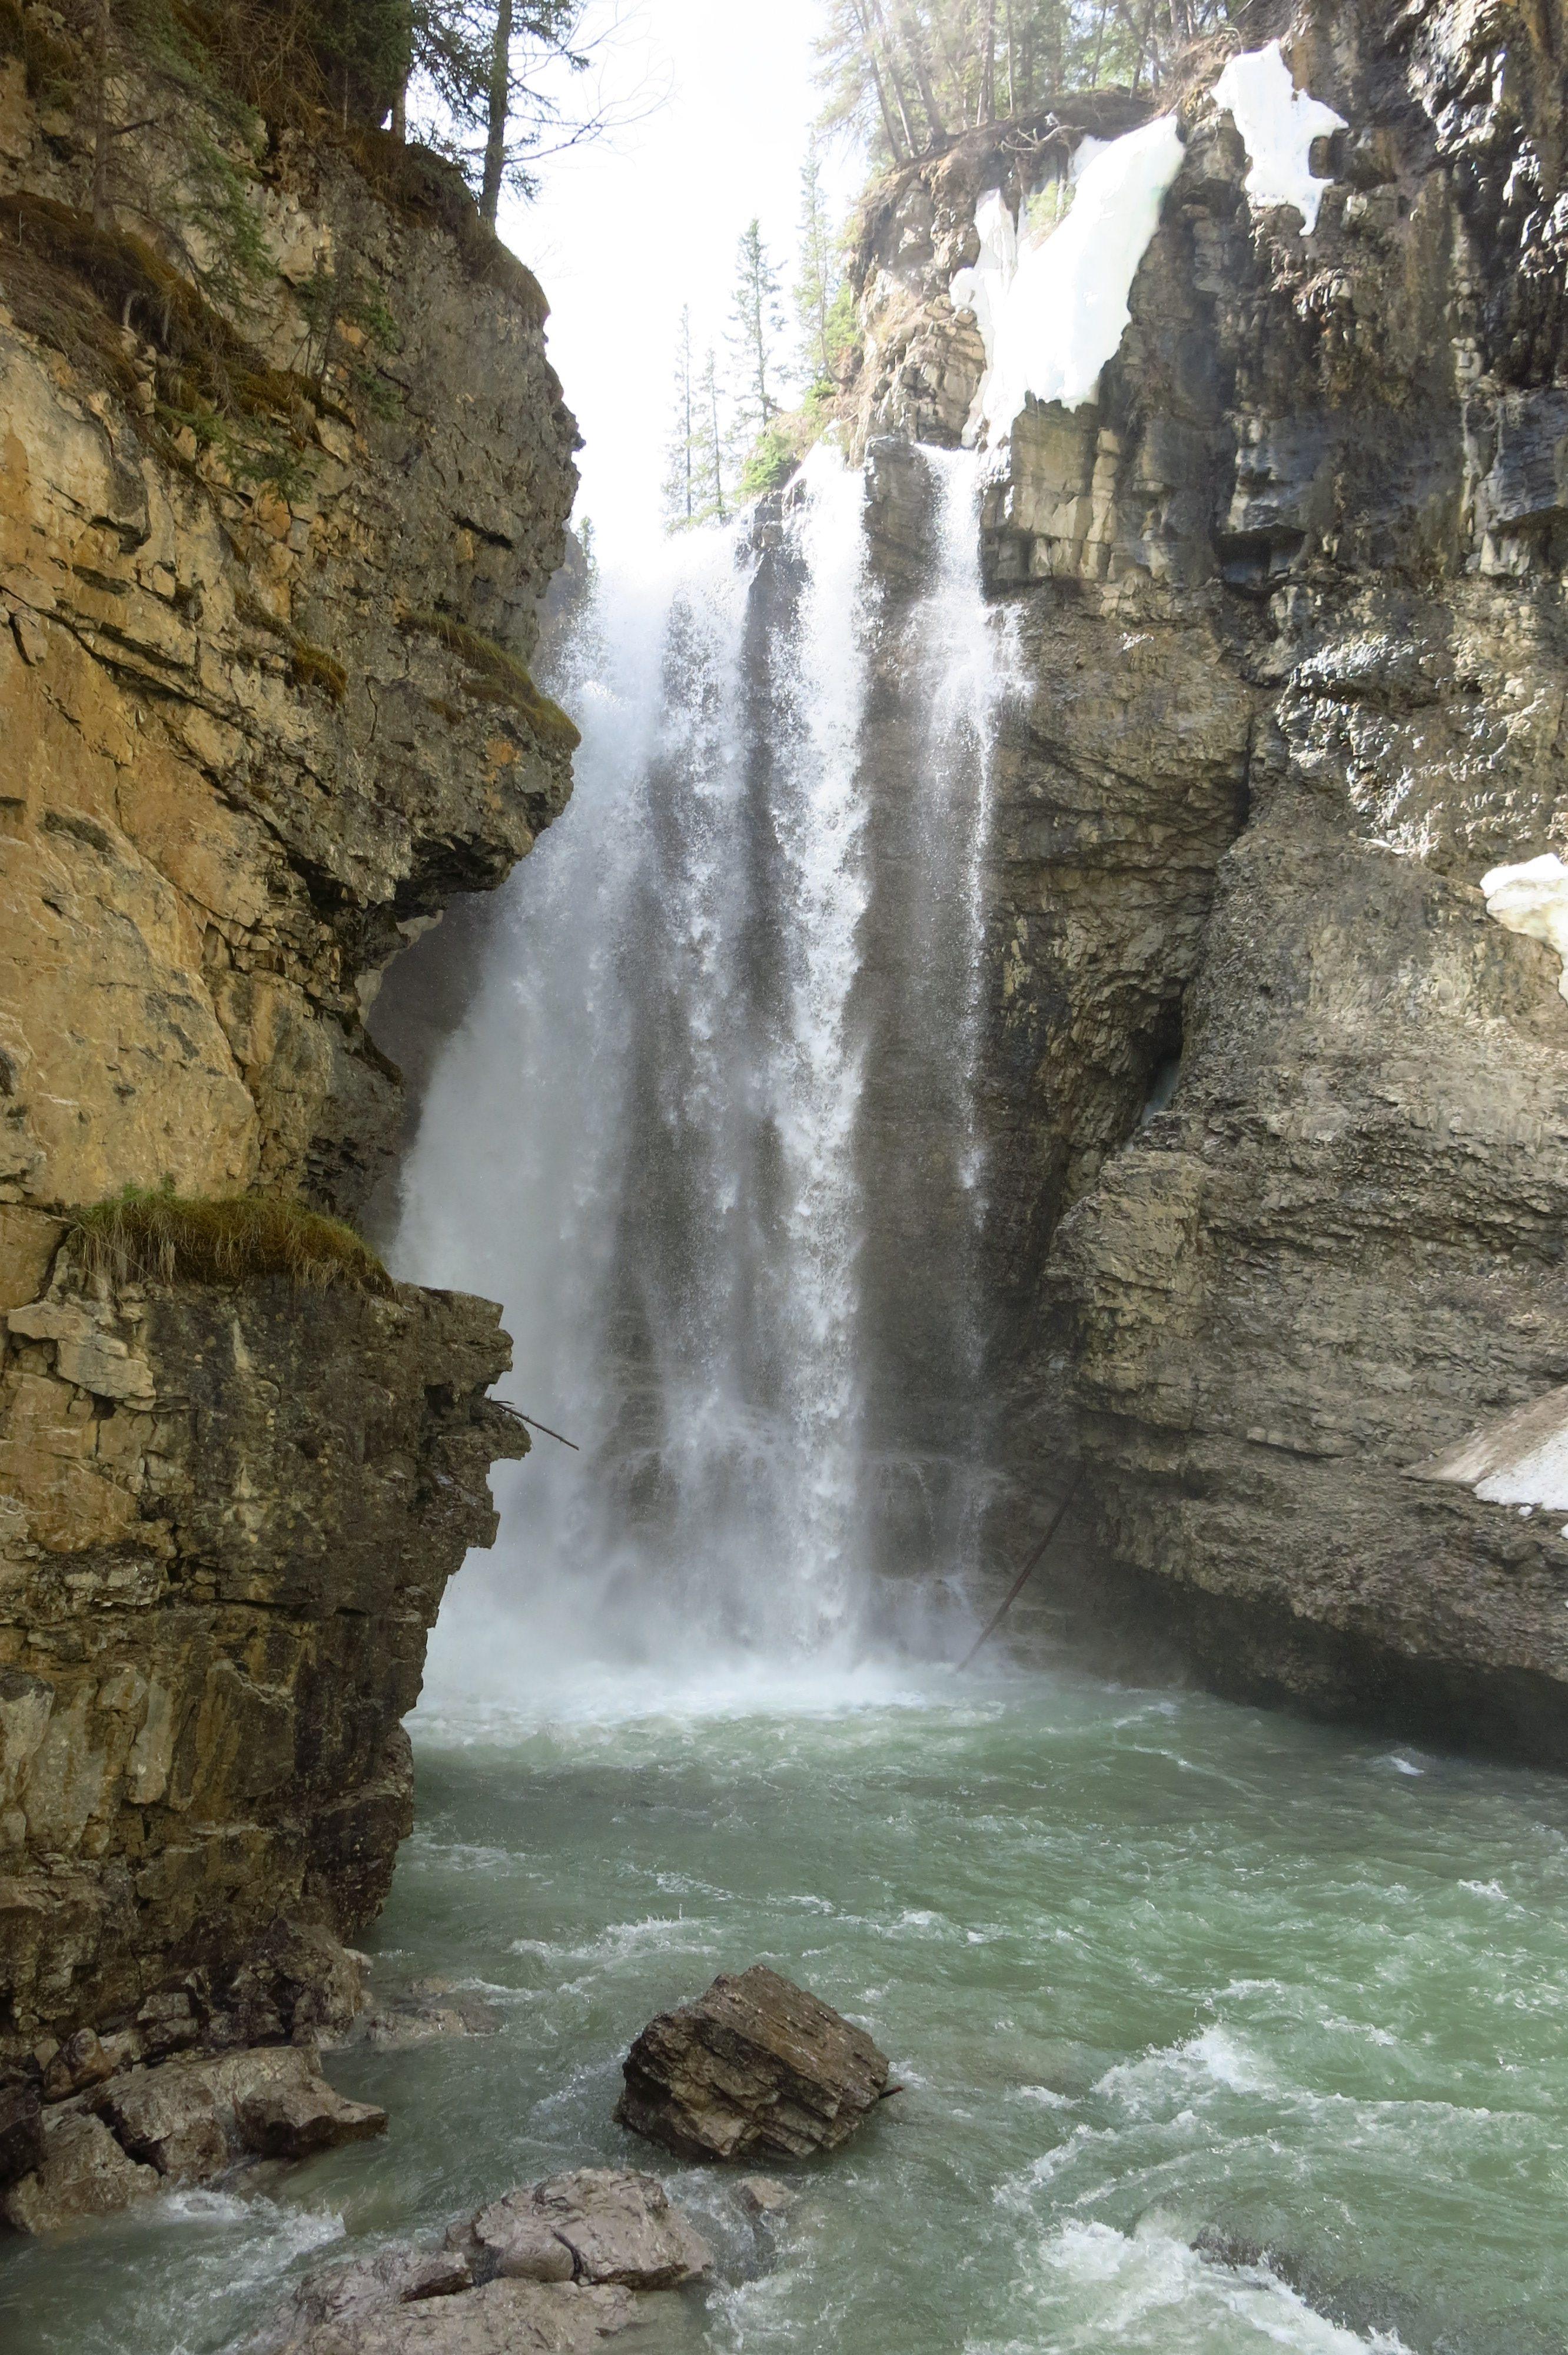 Banff National Park - Upper Falls at Johnston Canyon